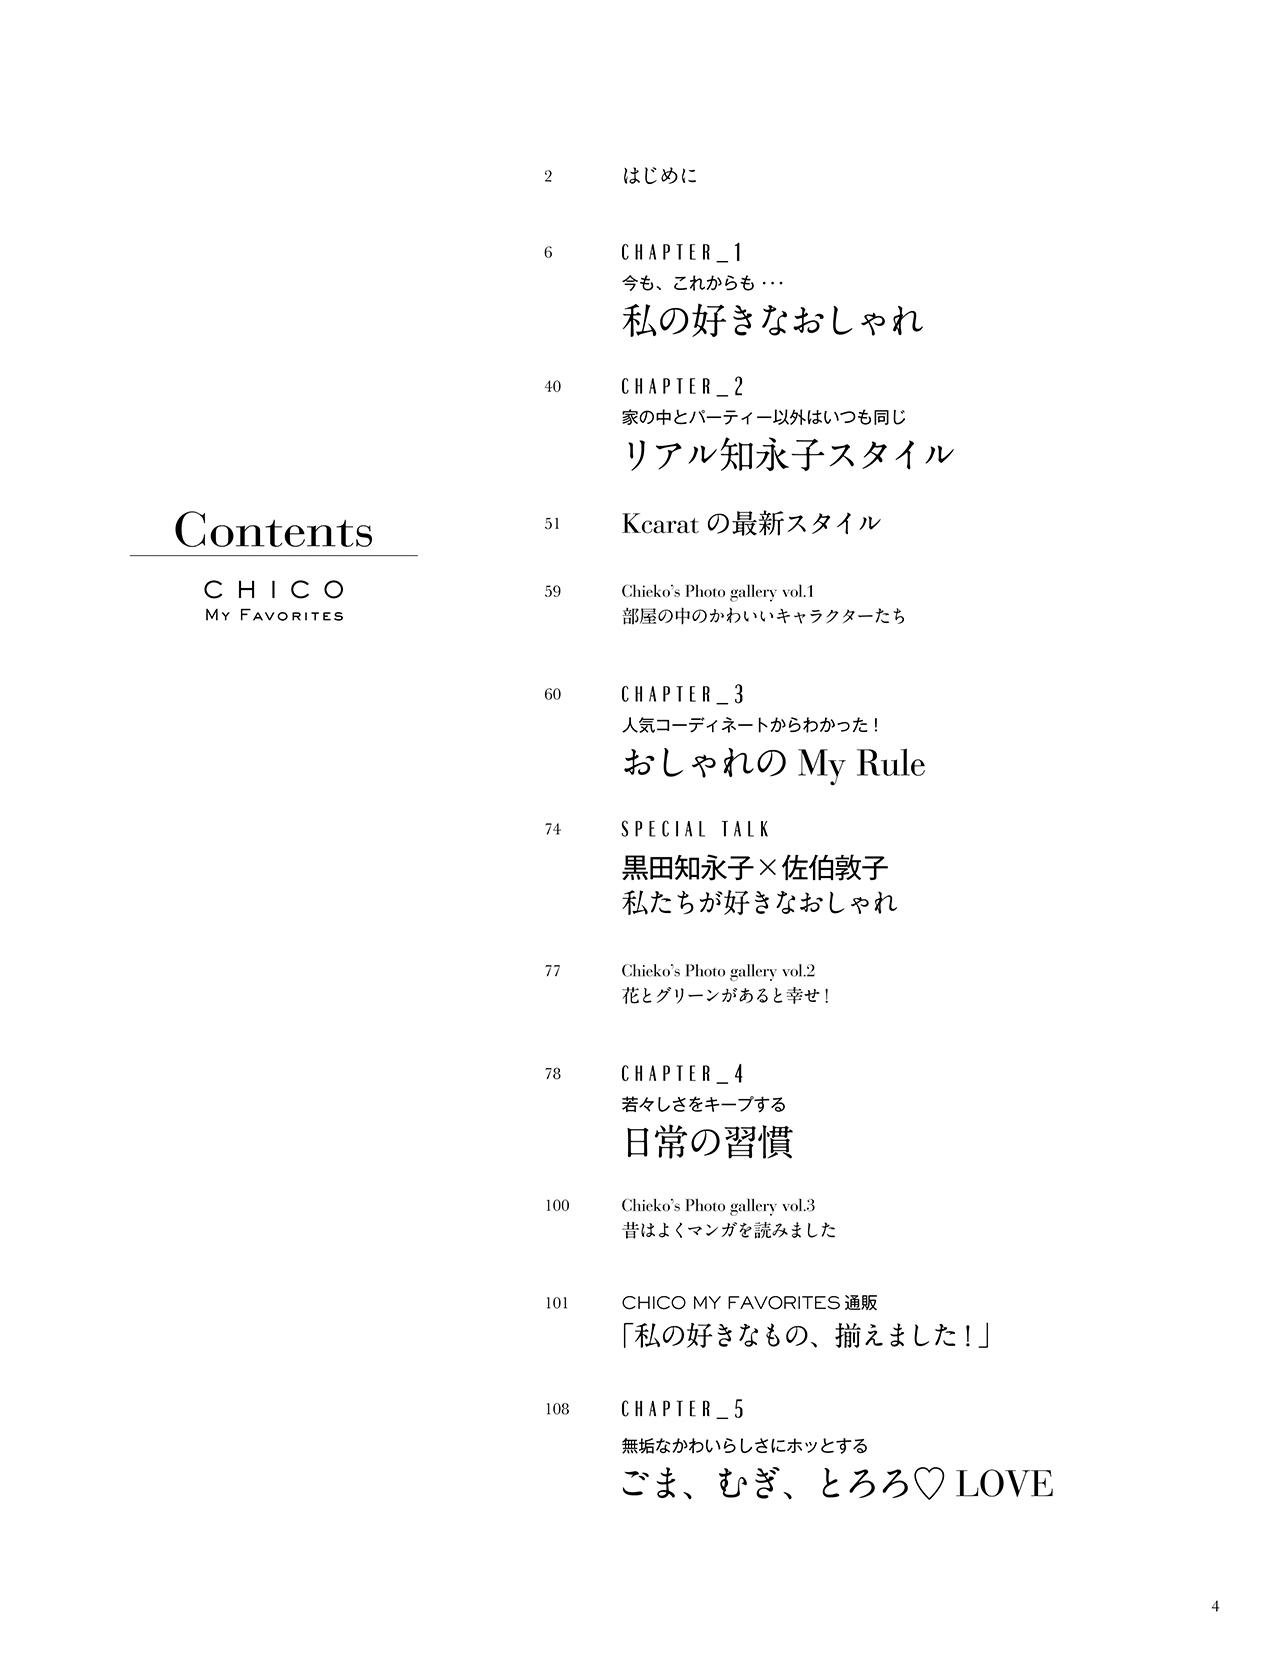 [黒田知永子さんムック]「CHICO MY FAVORITES」本日発売です!_1_4-1